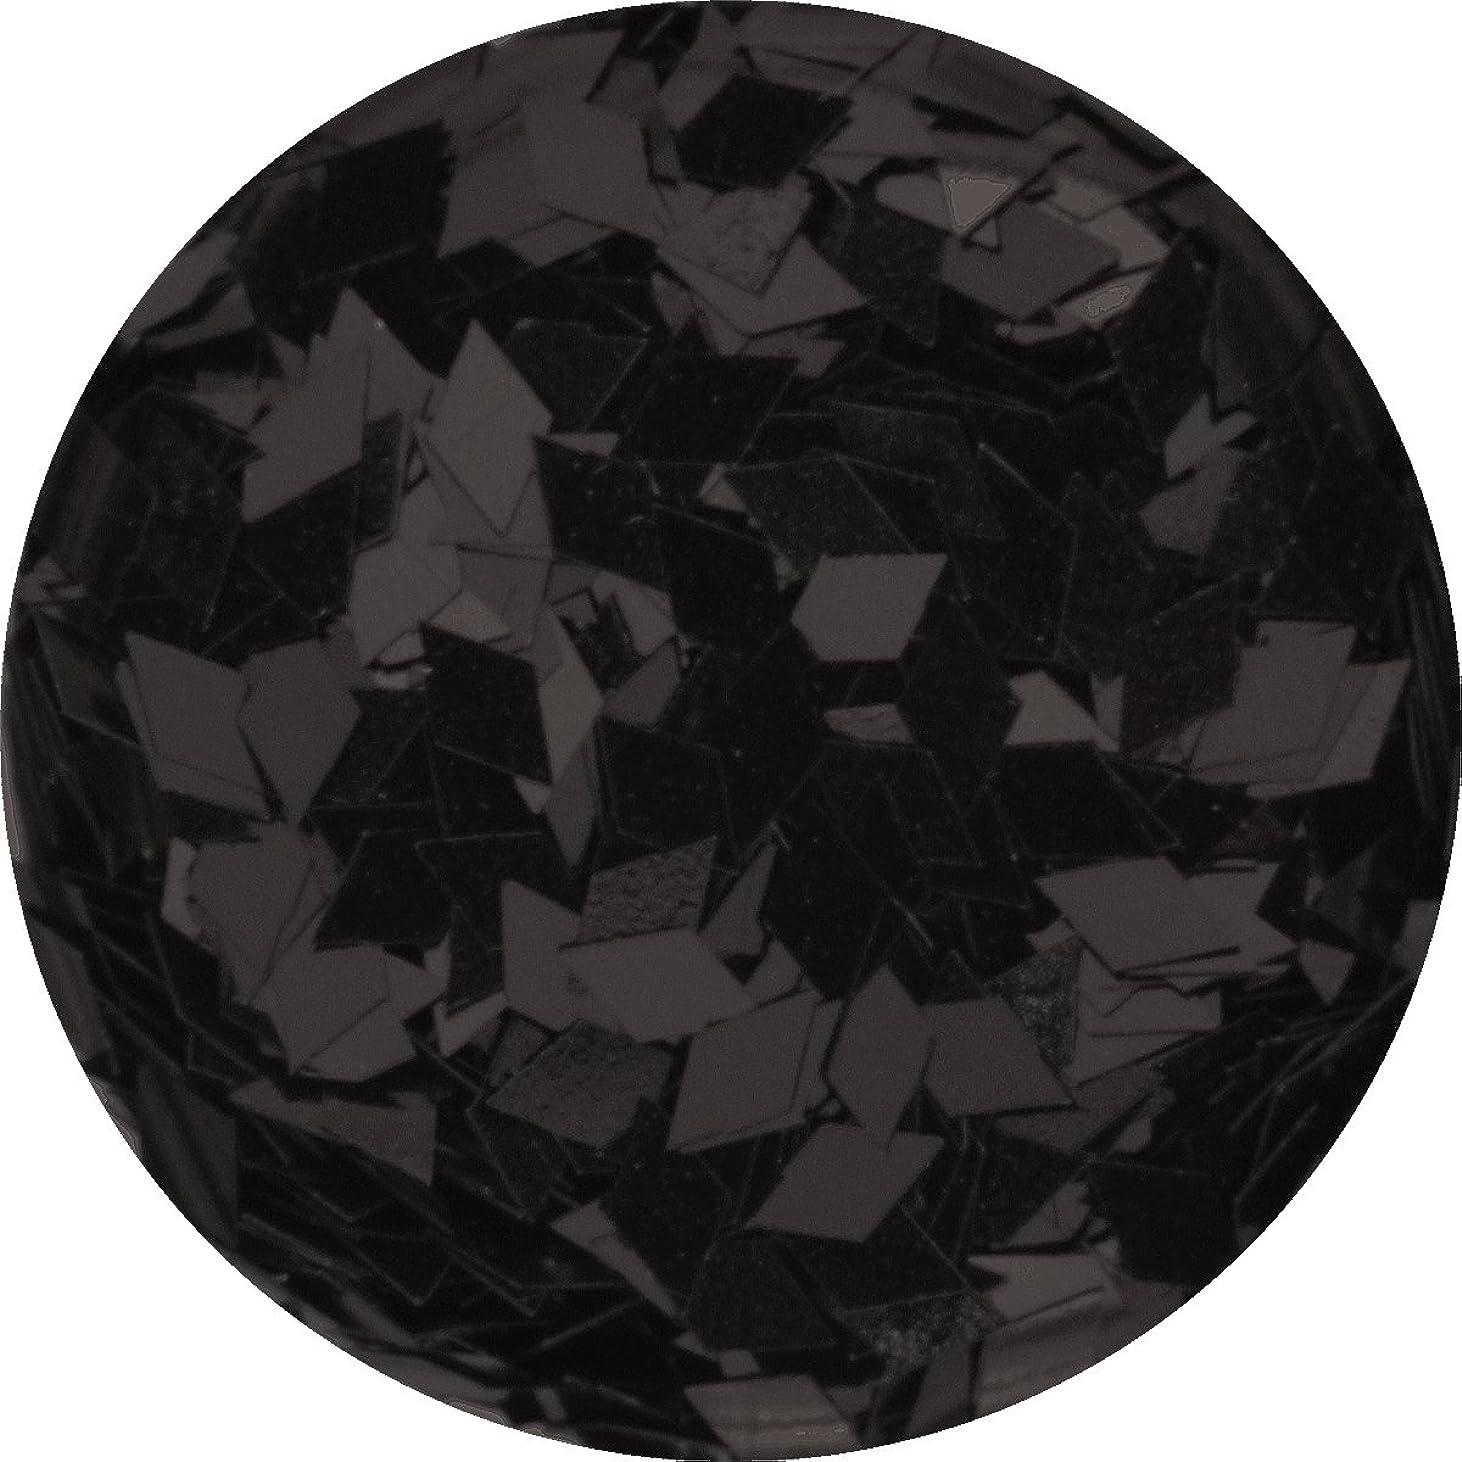 土地防止エゴイズムひし形 ダイヤ型 ホログラム 選べる12色 (06.ブラック)